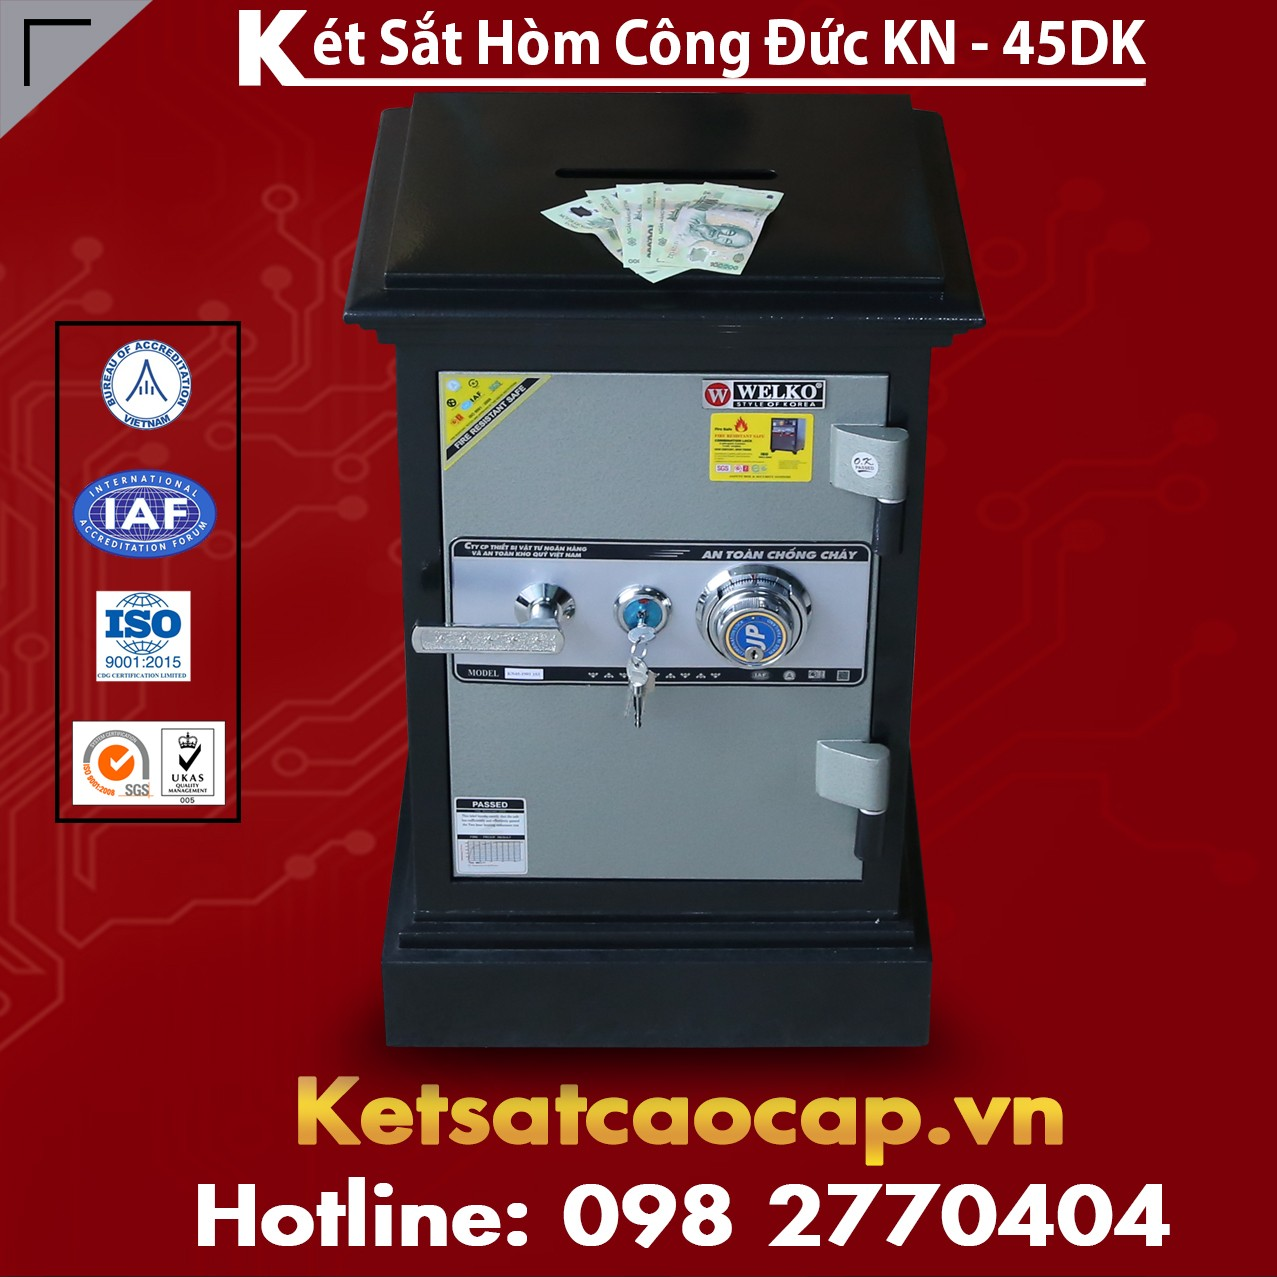 Két Sắt Công Đức KN45 DK Bảo Vệ Tài Sản Tuyệt Đối